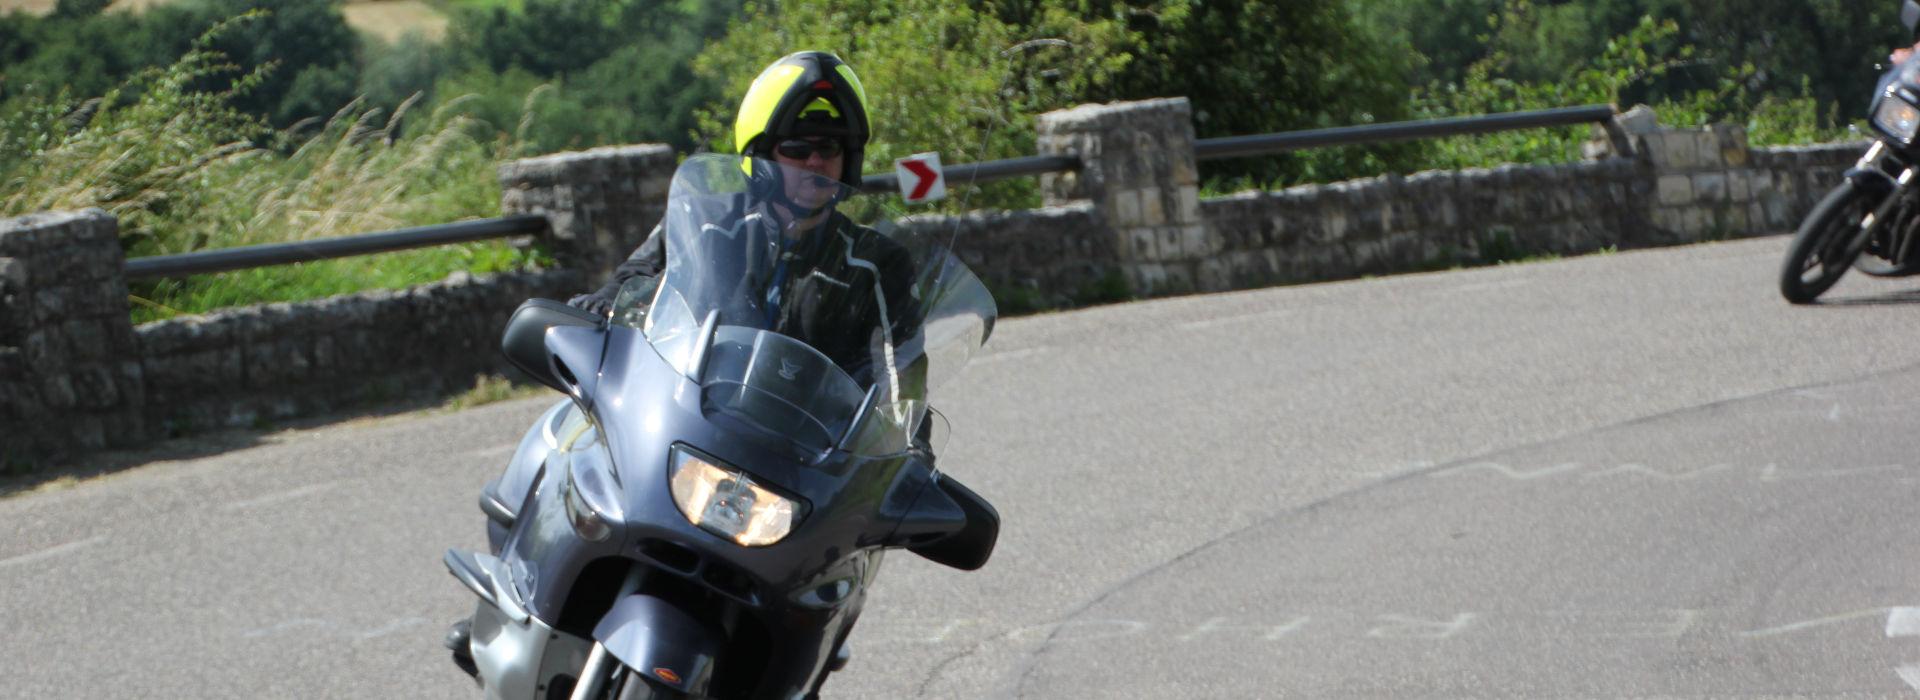 Motorrijbewijspoint Nistelrode motorrijlessen